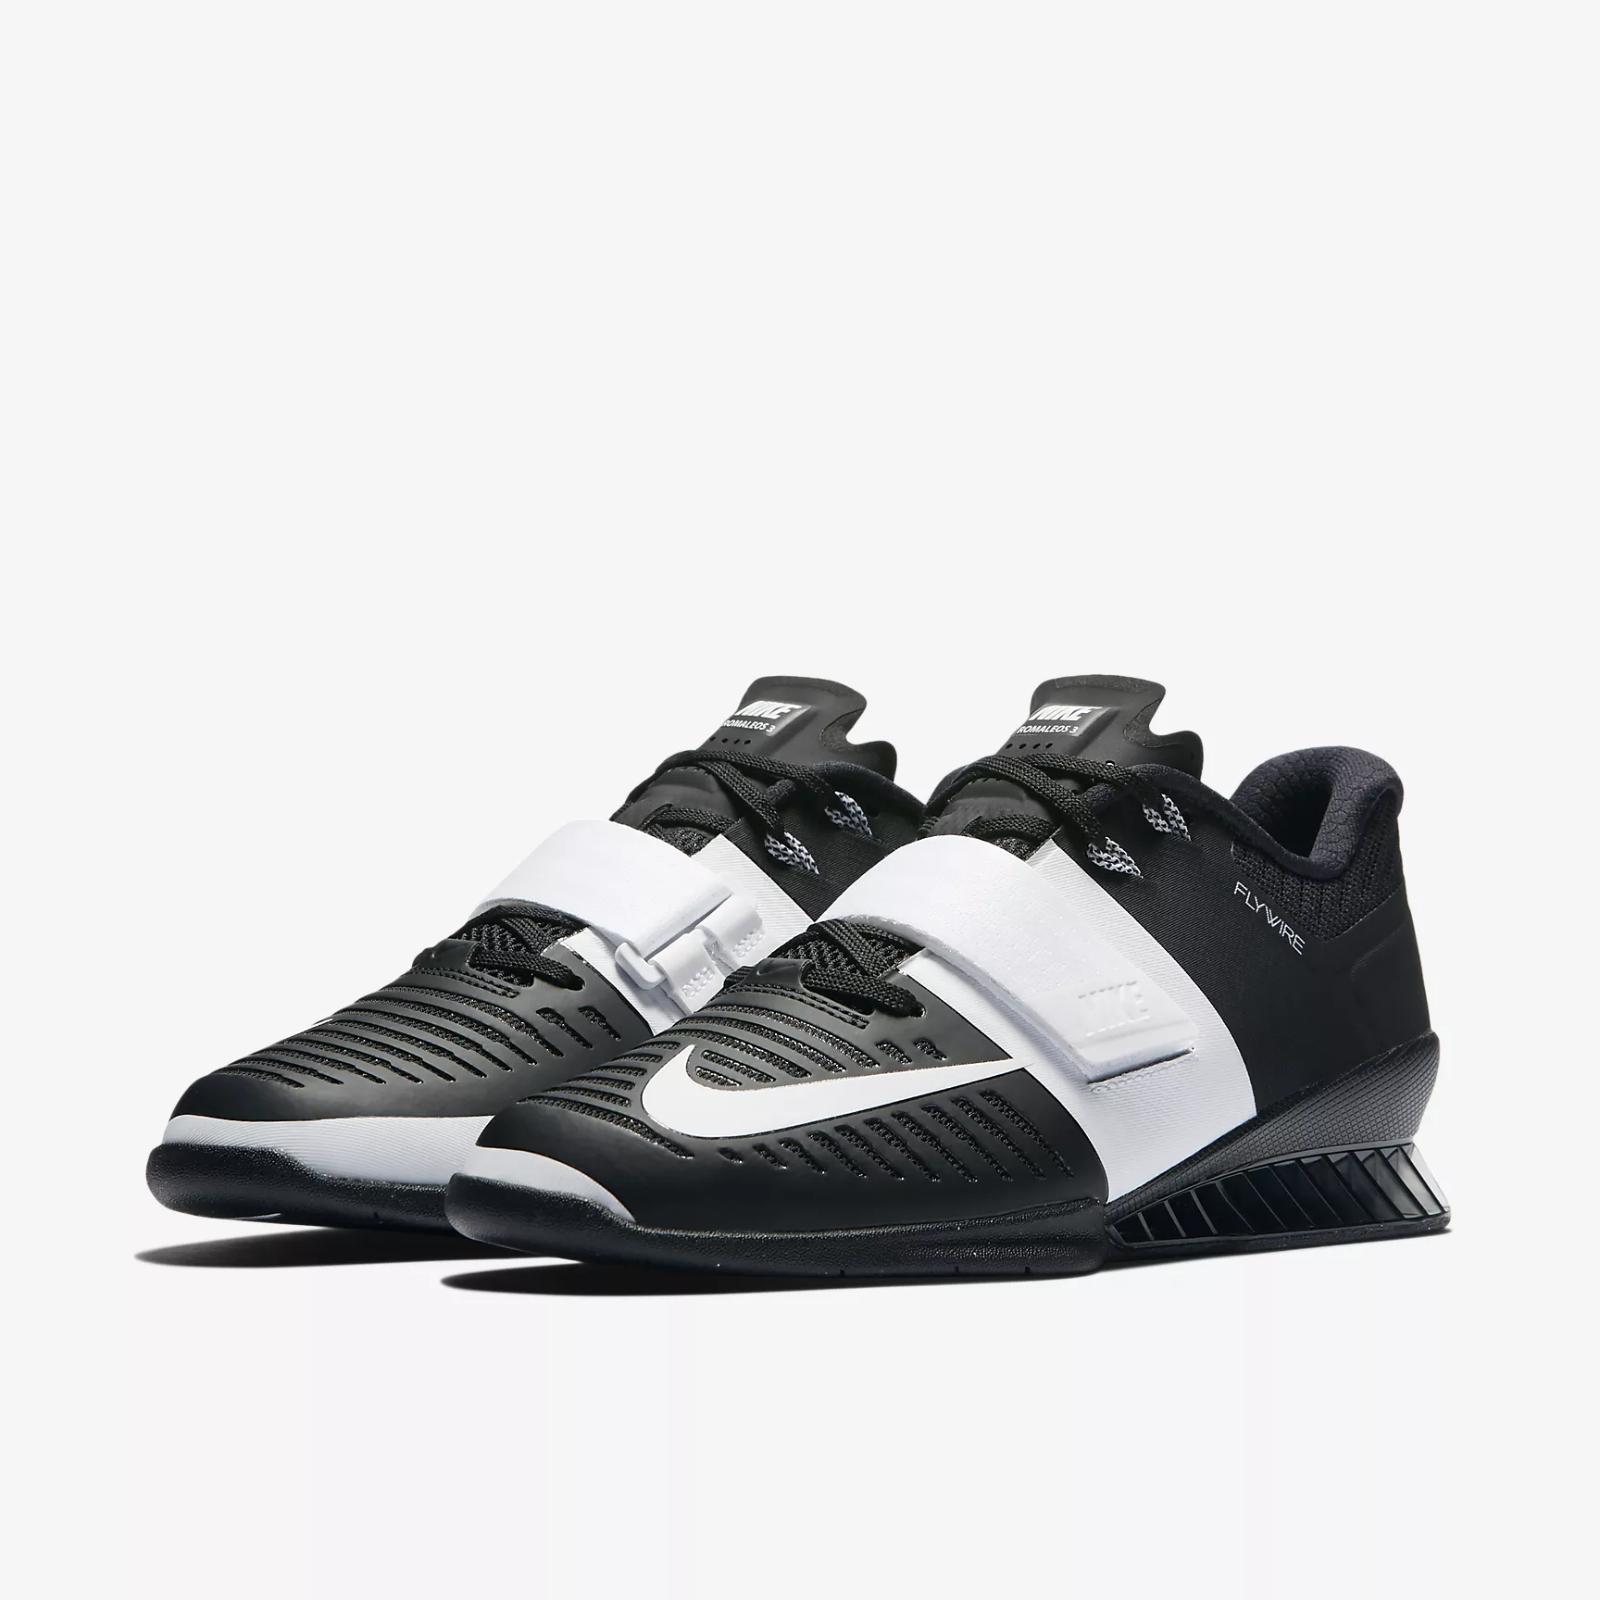 Nike donna Romaleos 3  Sollevamento di peso Scarpe 878557 -001 Dimensione 13  bellissimo